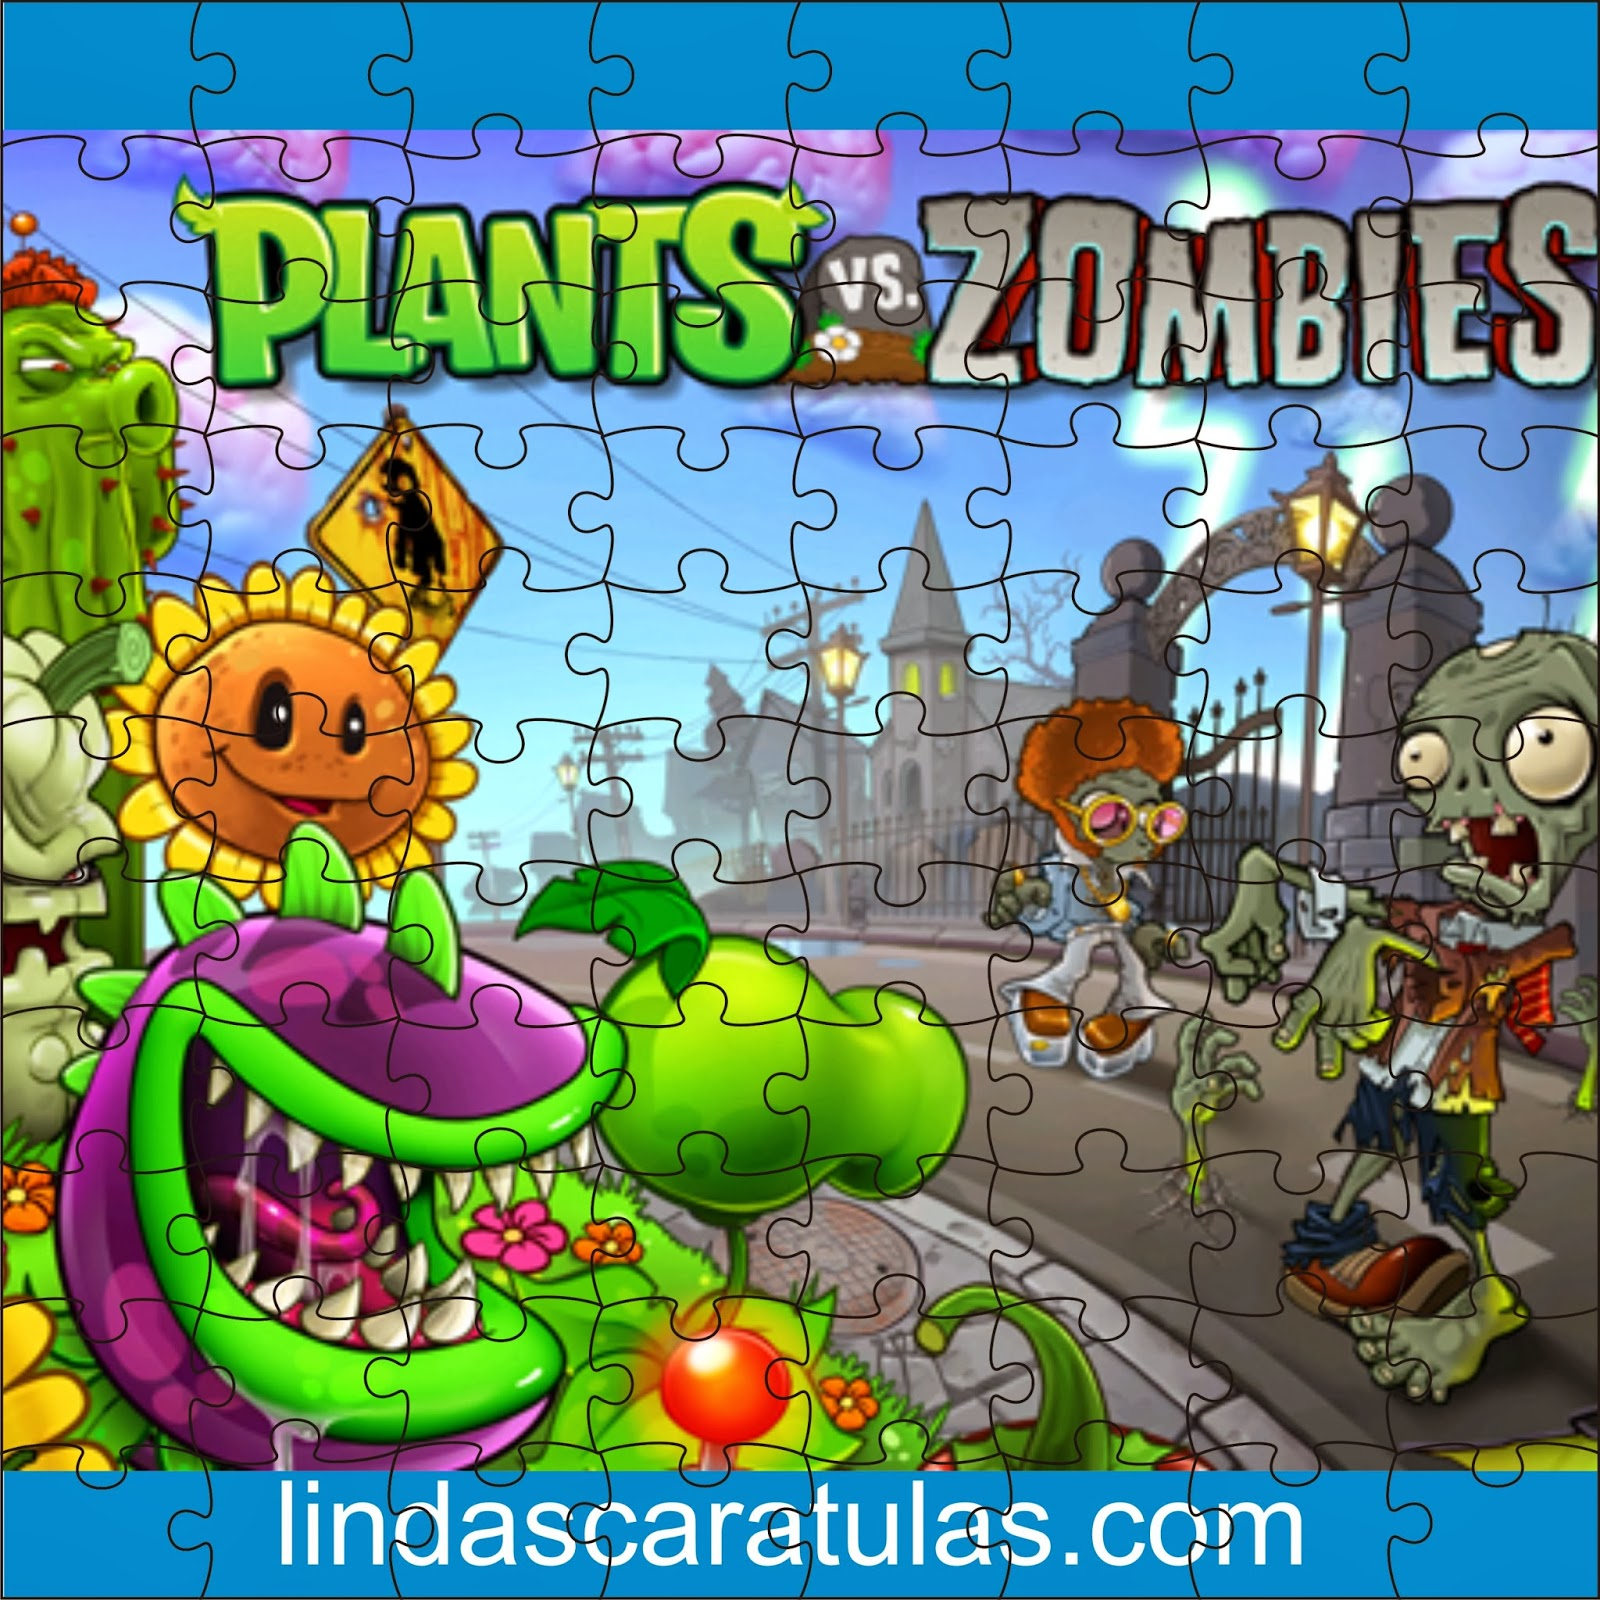 Caratulas para word rompecabezas o puzzle plantas vs zombies for Fotos de la casa de plantas vs zombies